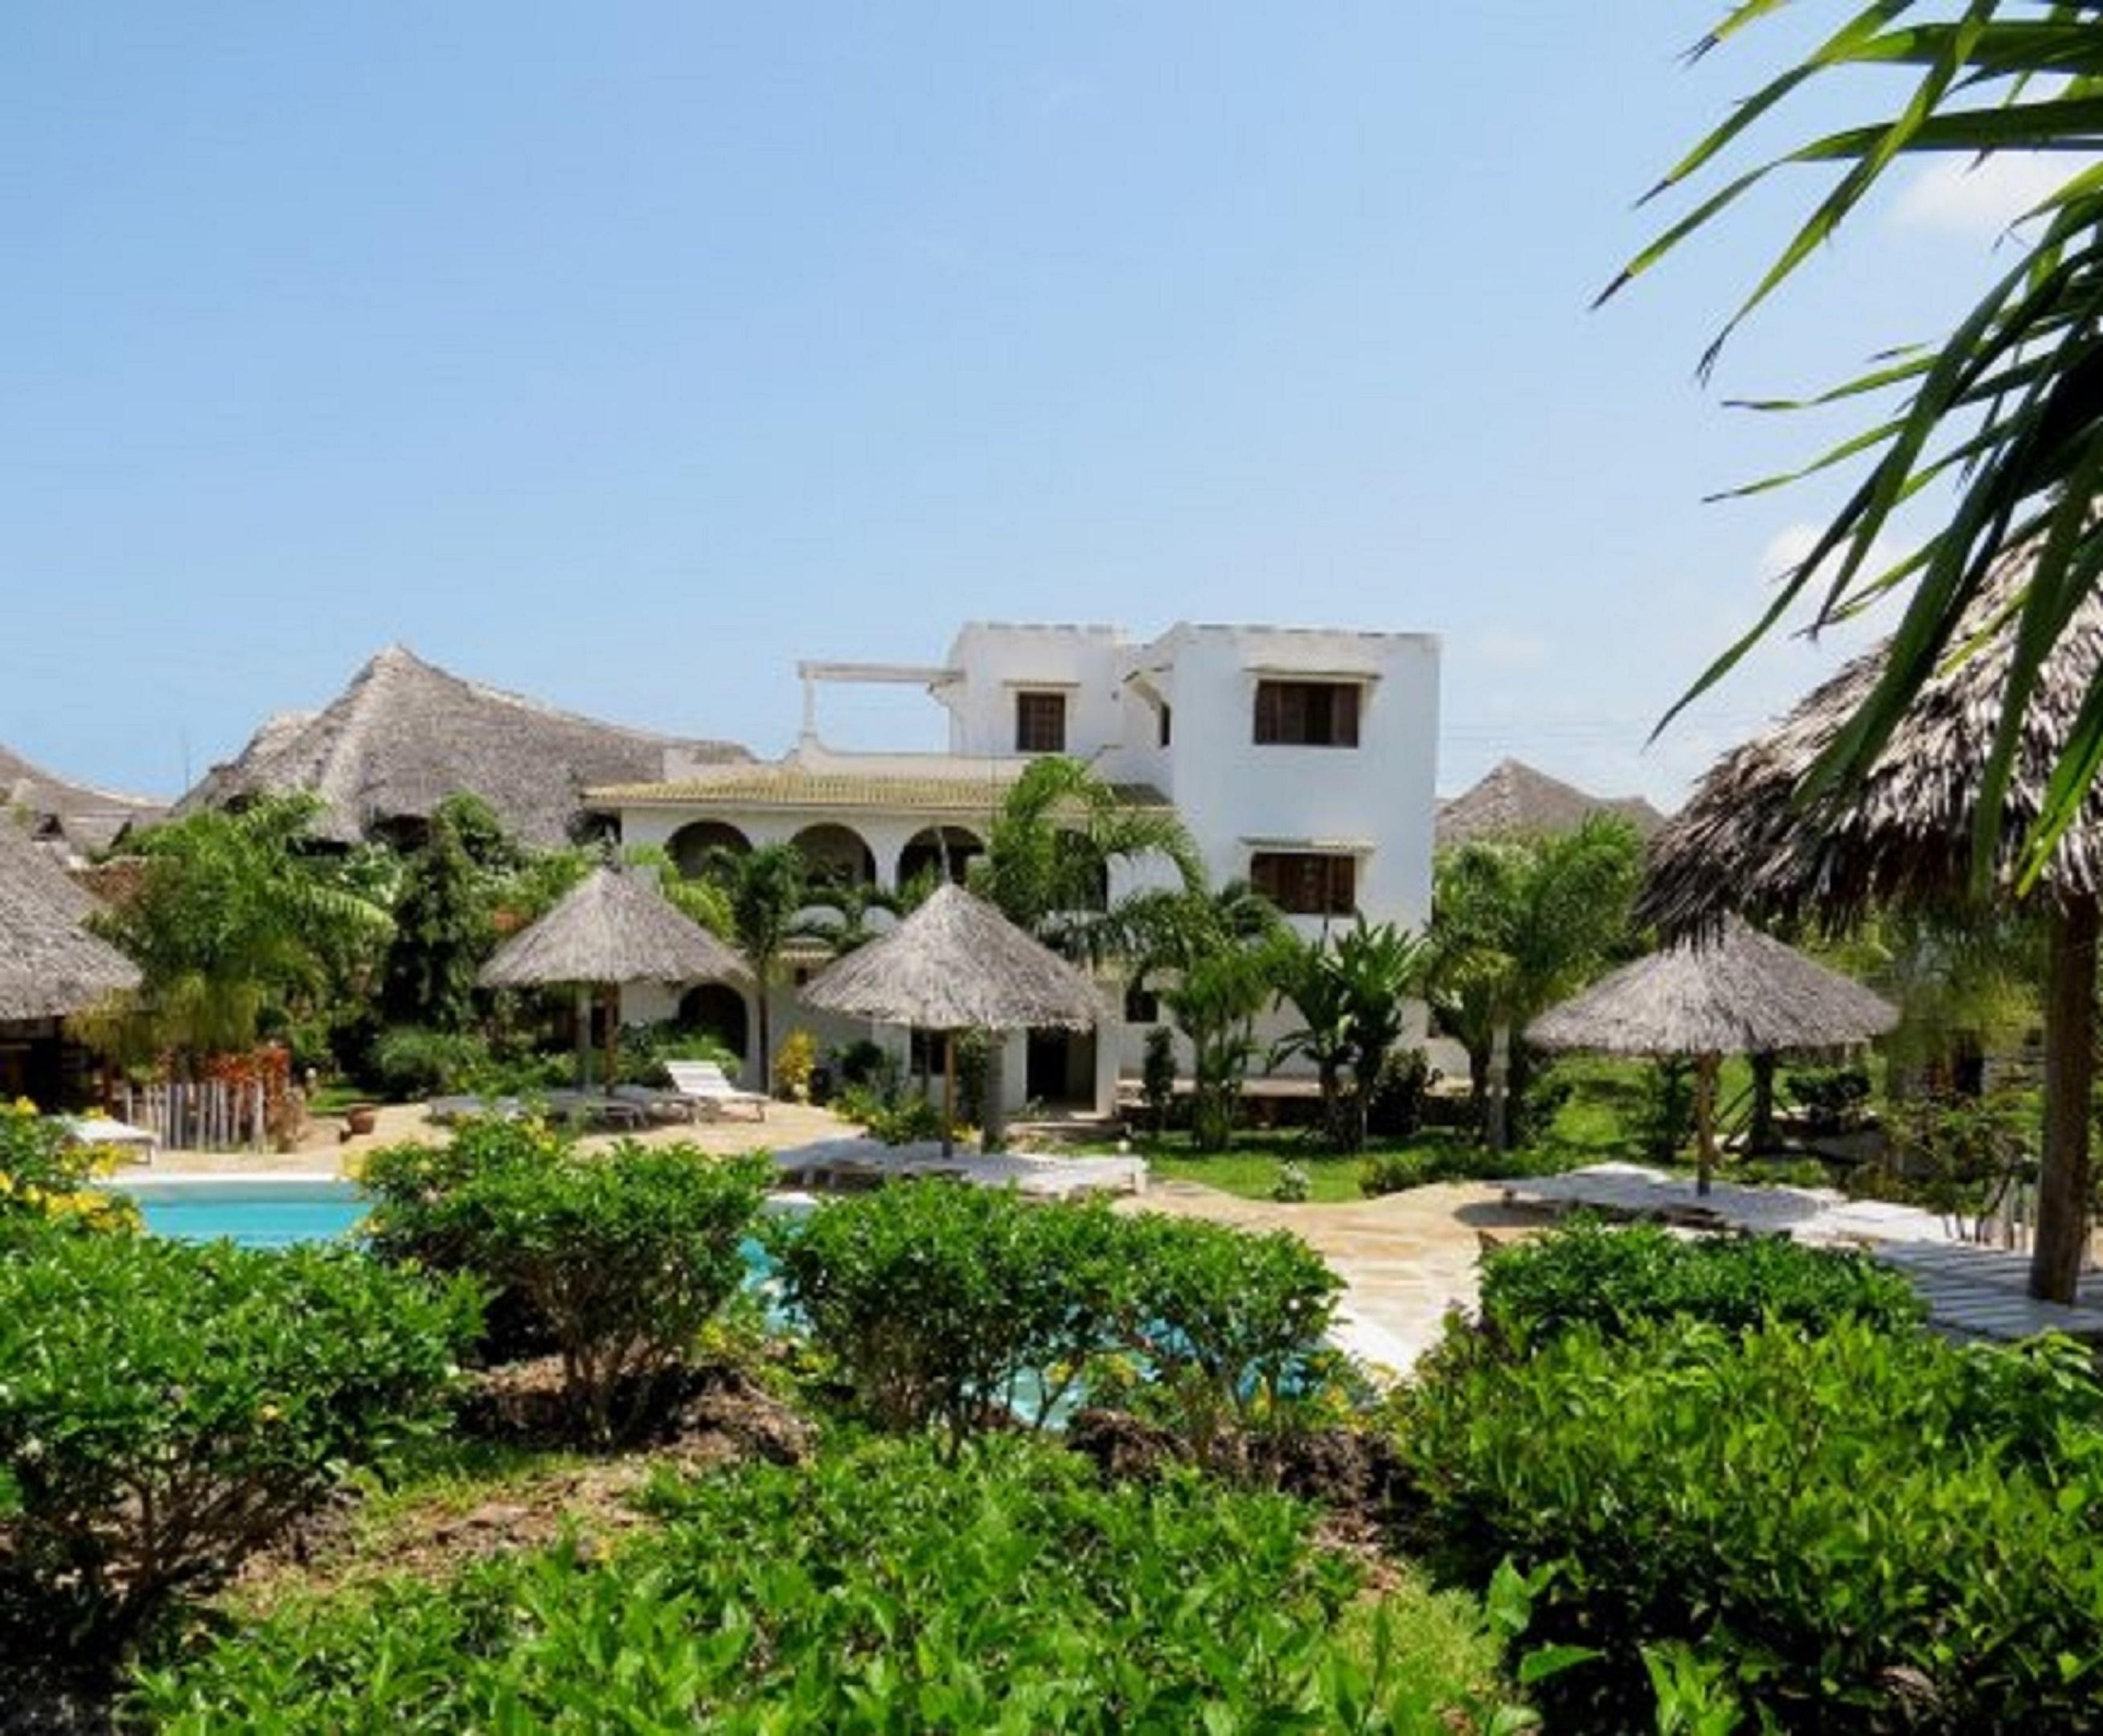 Kibali Fabulous Apartment mit funf Schlafzimmern Ferienwohnung in Kenia